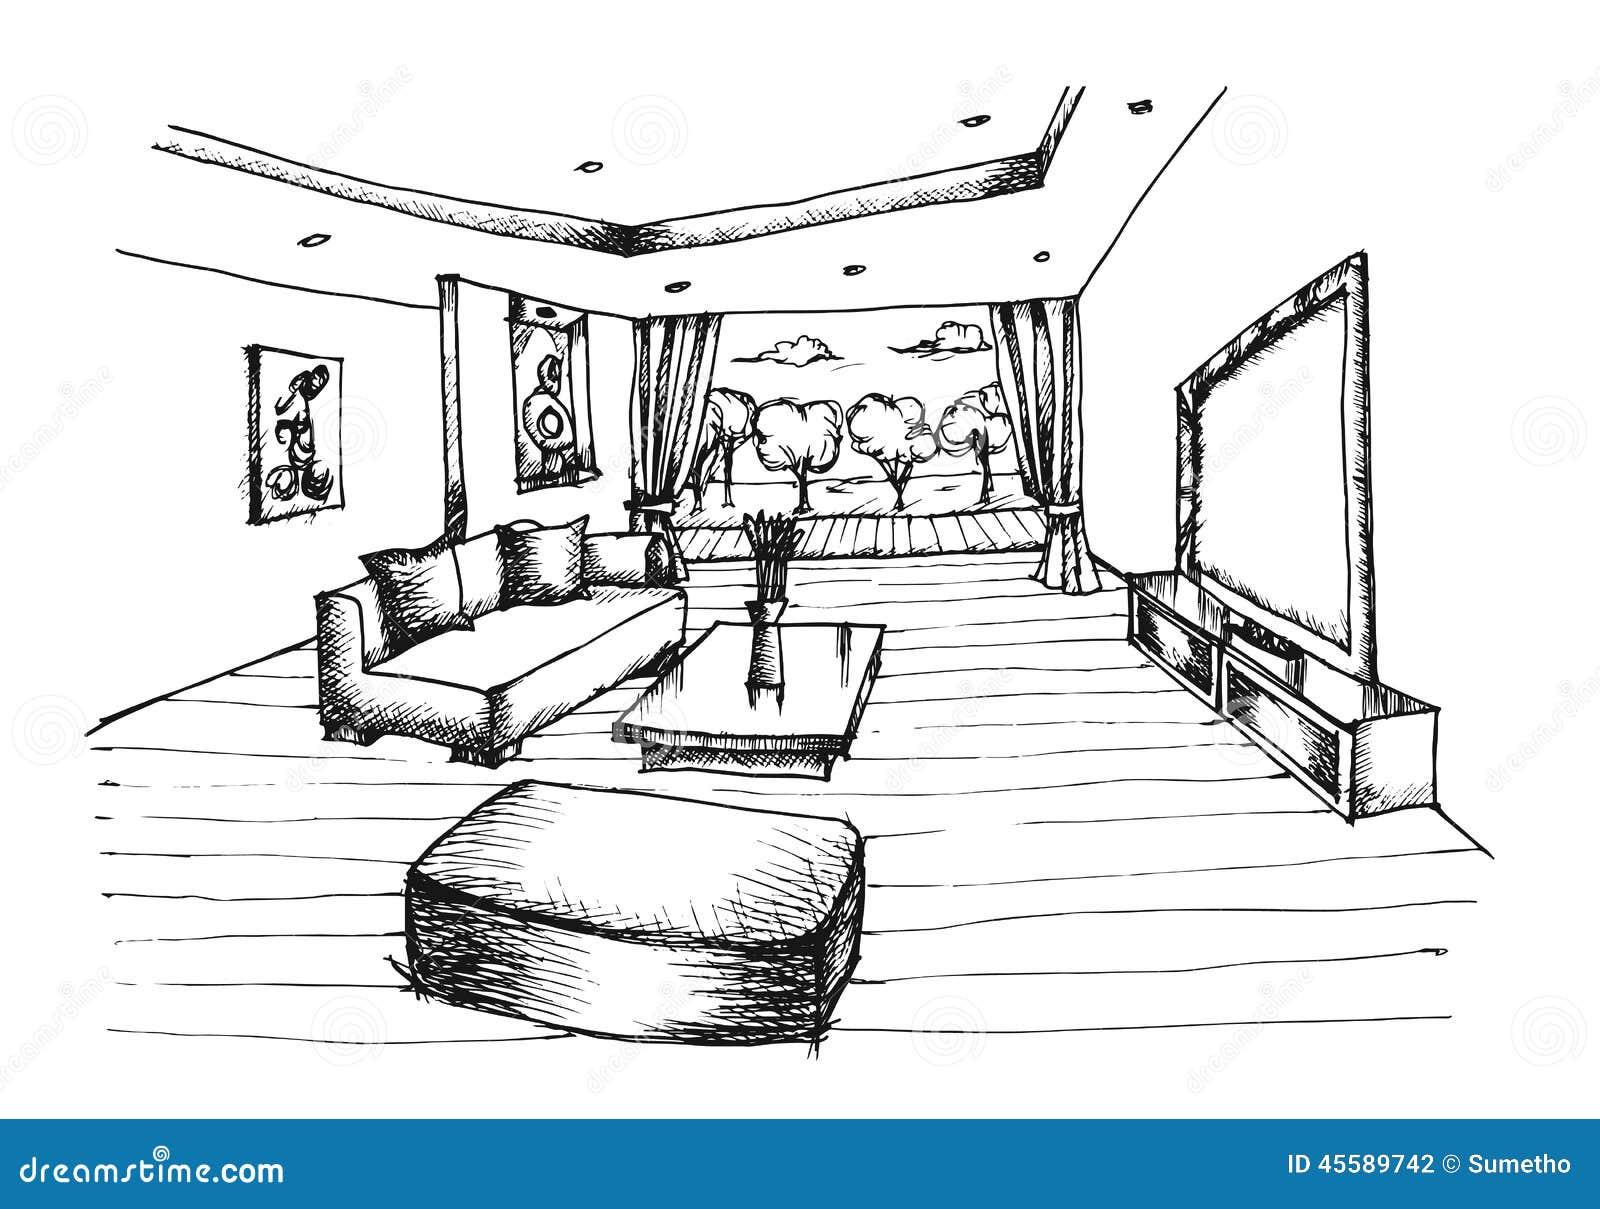 Innenarchitektur skizze wohnzimmer  Hand, Die Innenarchitektur Für Wohnzimmer Zeichnet Vektor ...